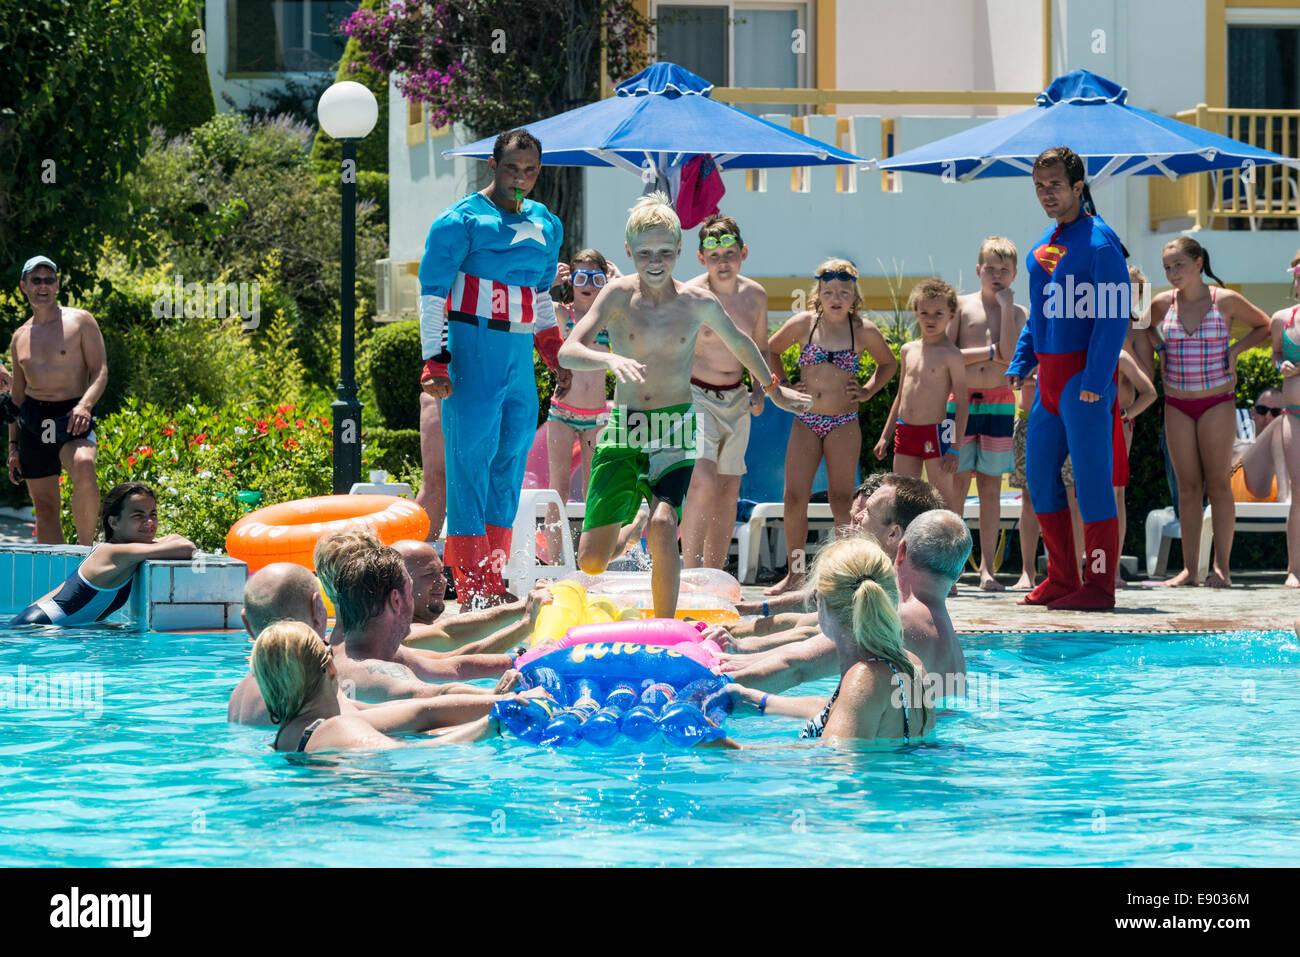 Holiday artistas y niños jugando un juego en una piscina, Mastichari, Kos, Grecia Foto de stock